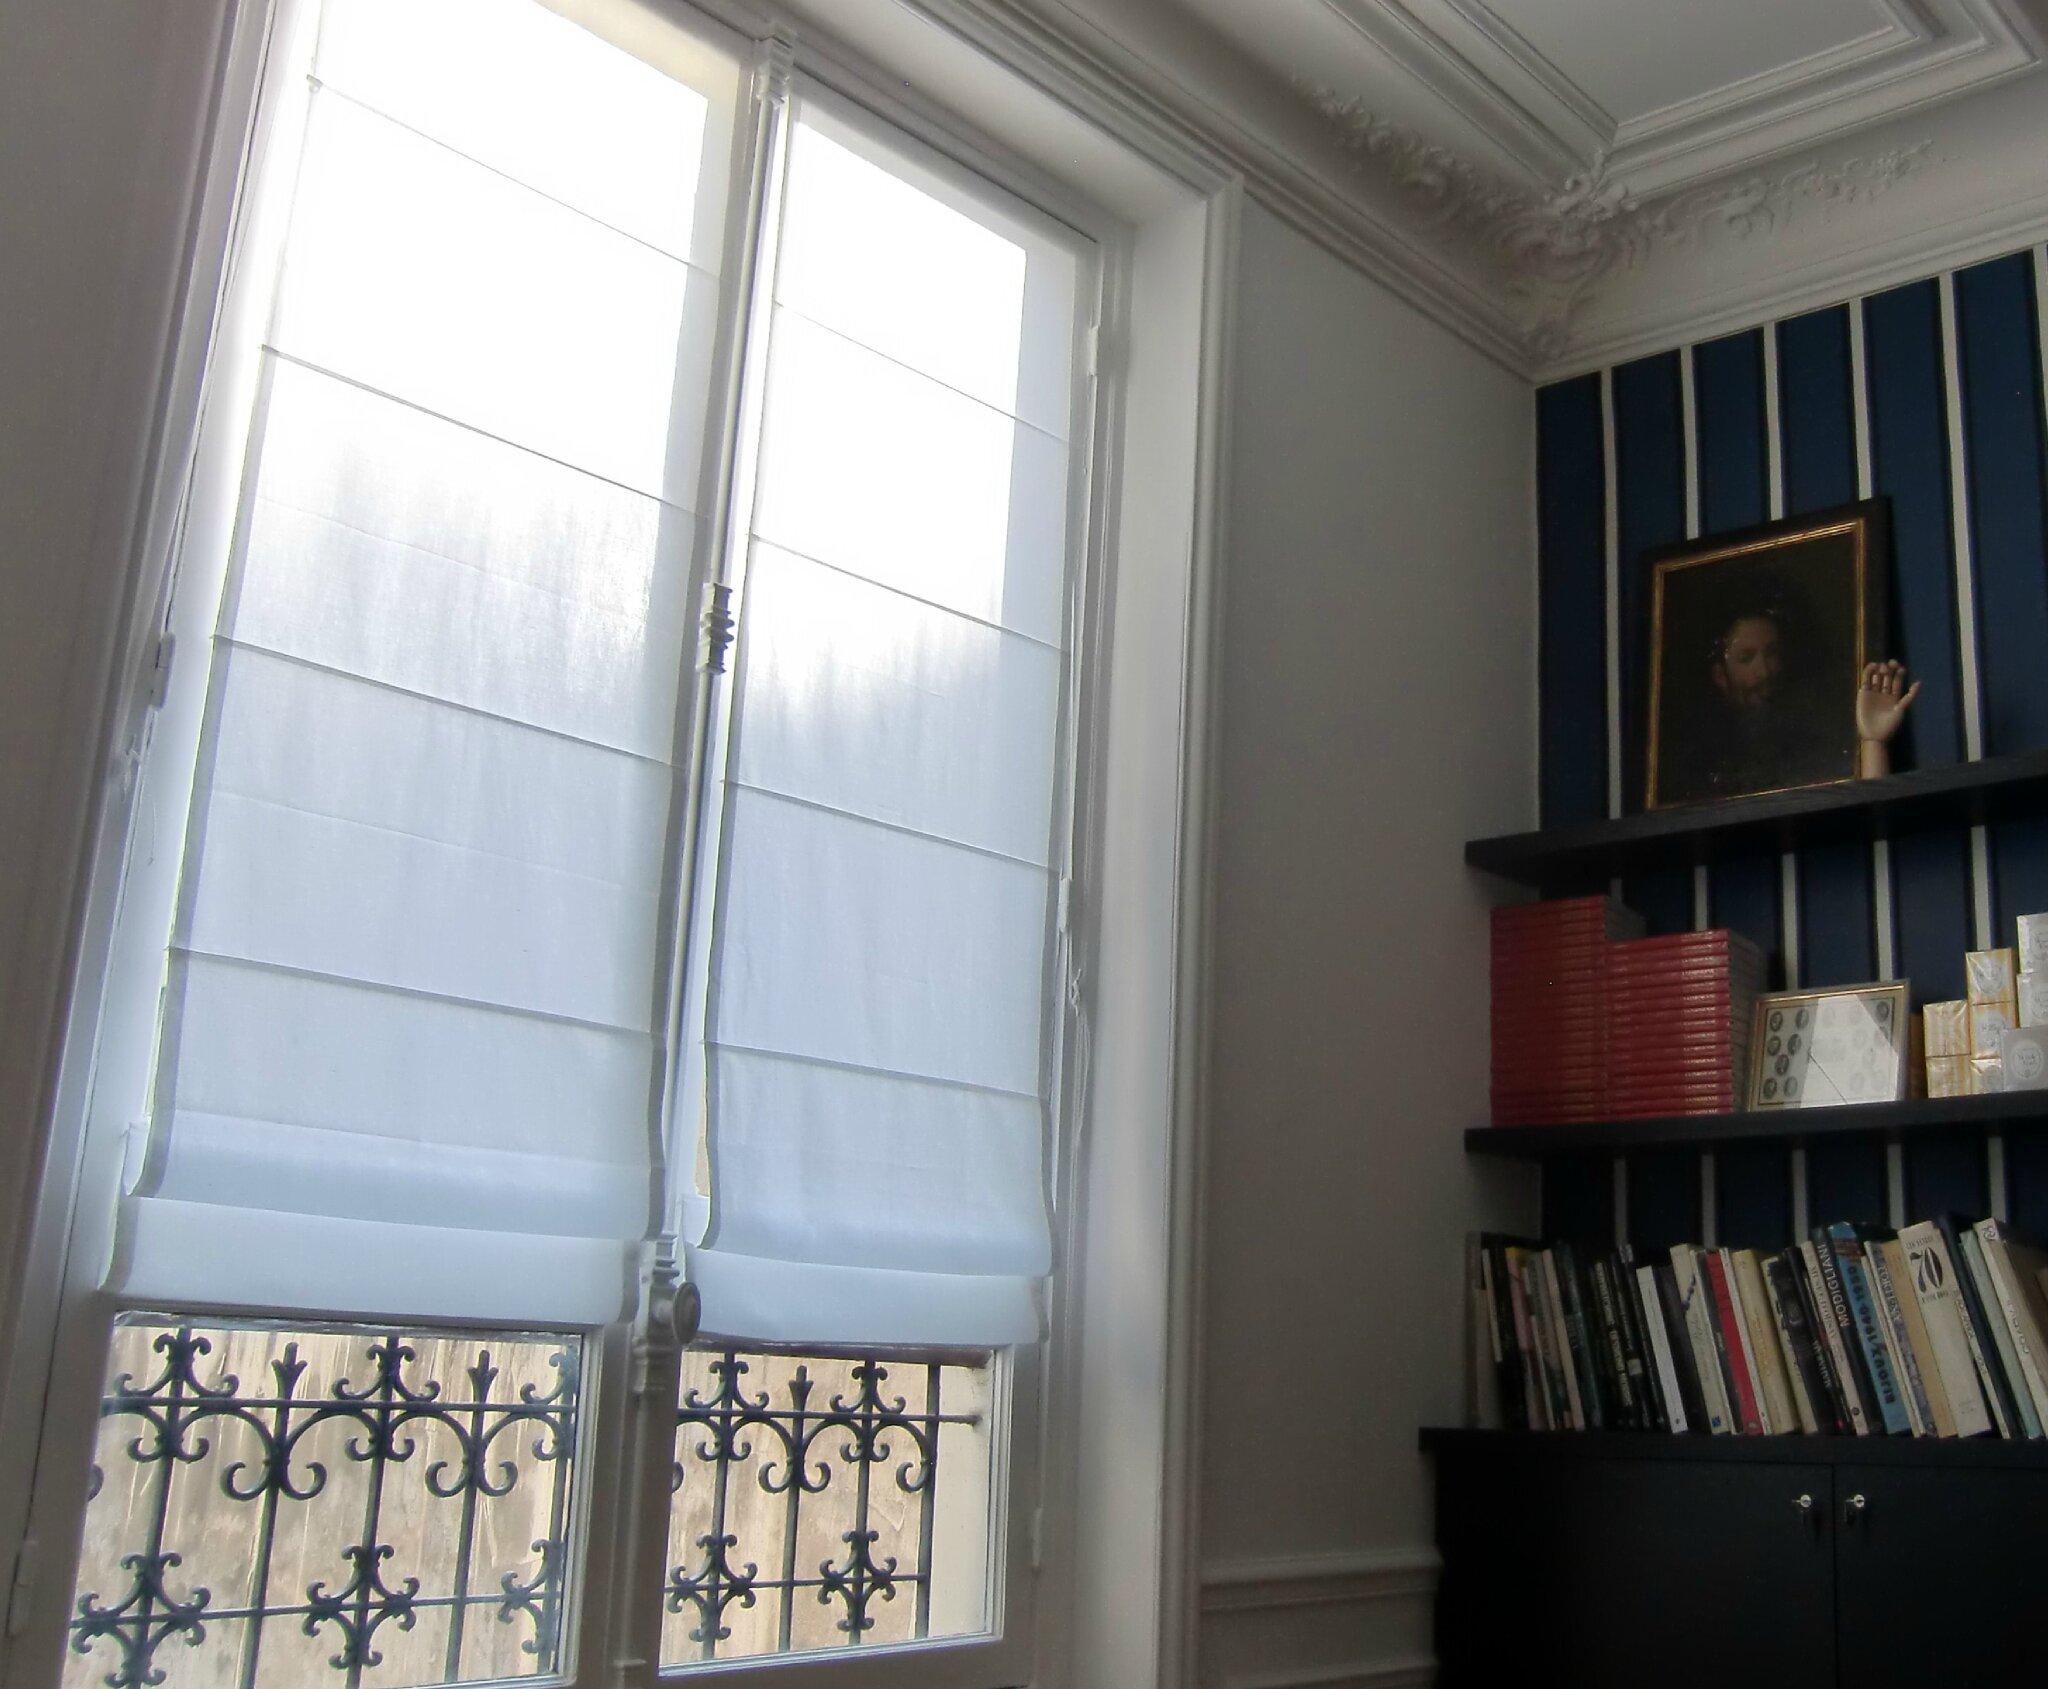 100 2 rideaux drap ancien en camping les ormes e magdeco magazine de d - Rideau avec drap ancien ...